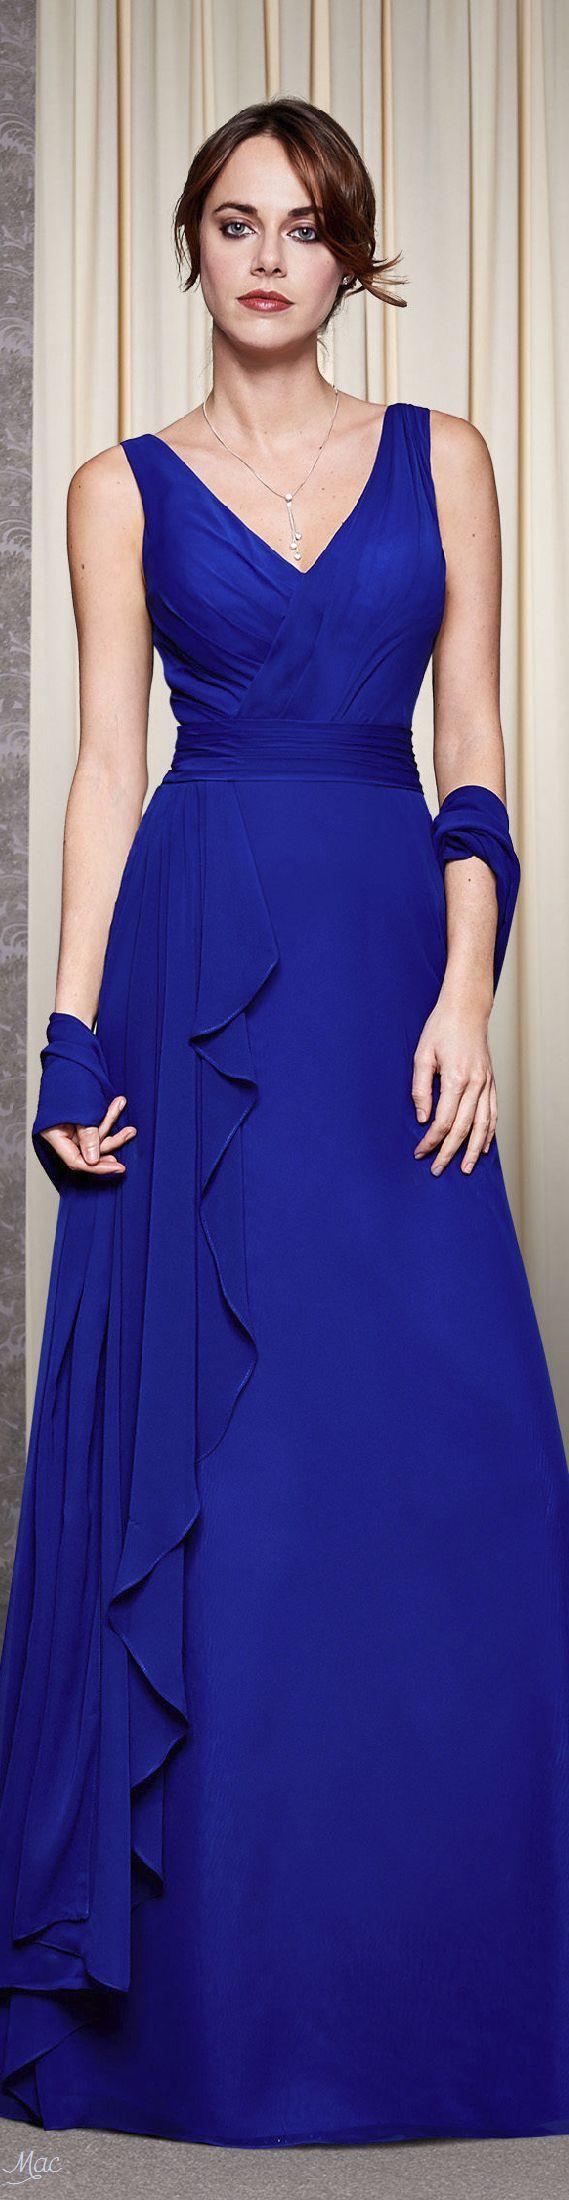 171 best vestidos images by Dora on Pinterest | Patron de couture ...